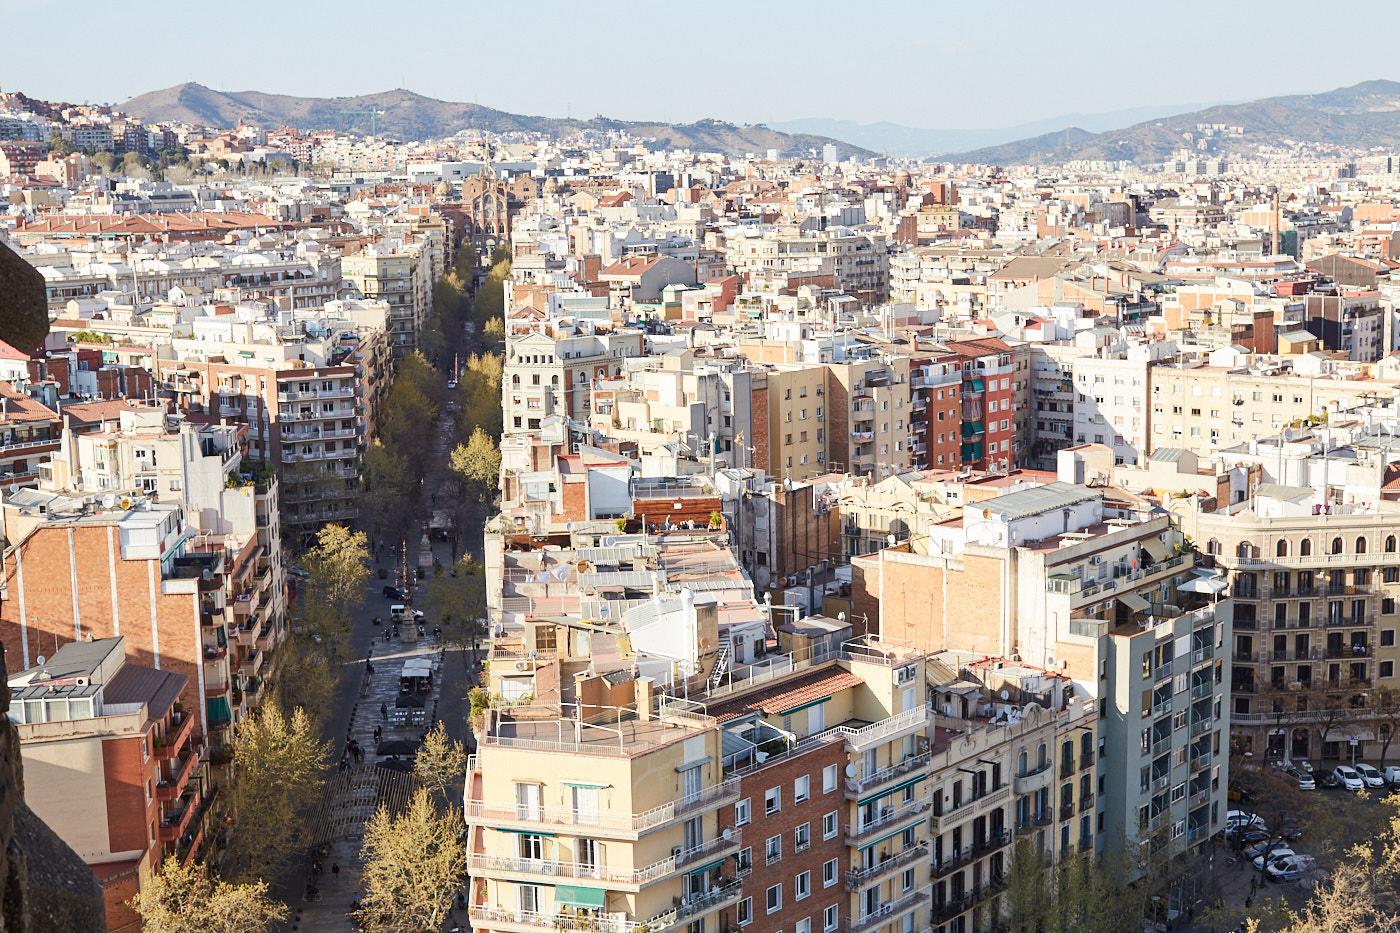 studio-sophy-barcelona-IMG_5789x.jpg